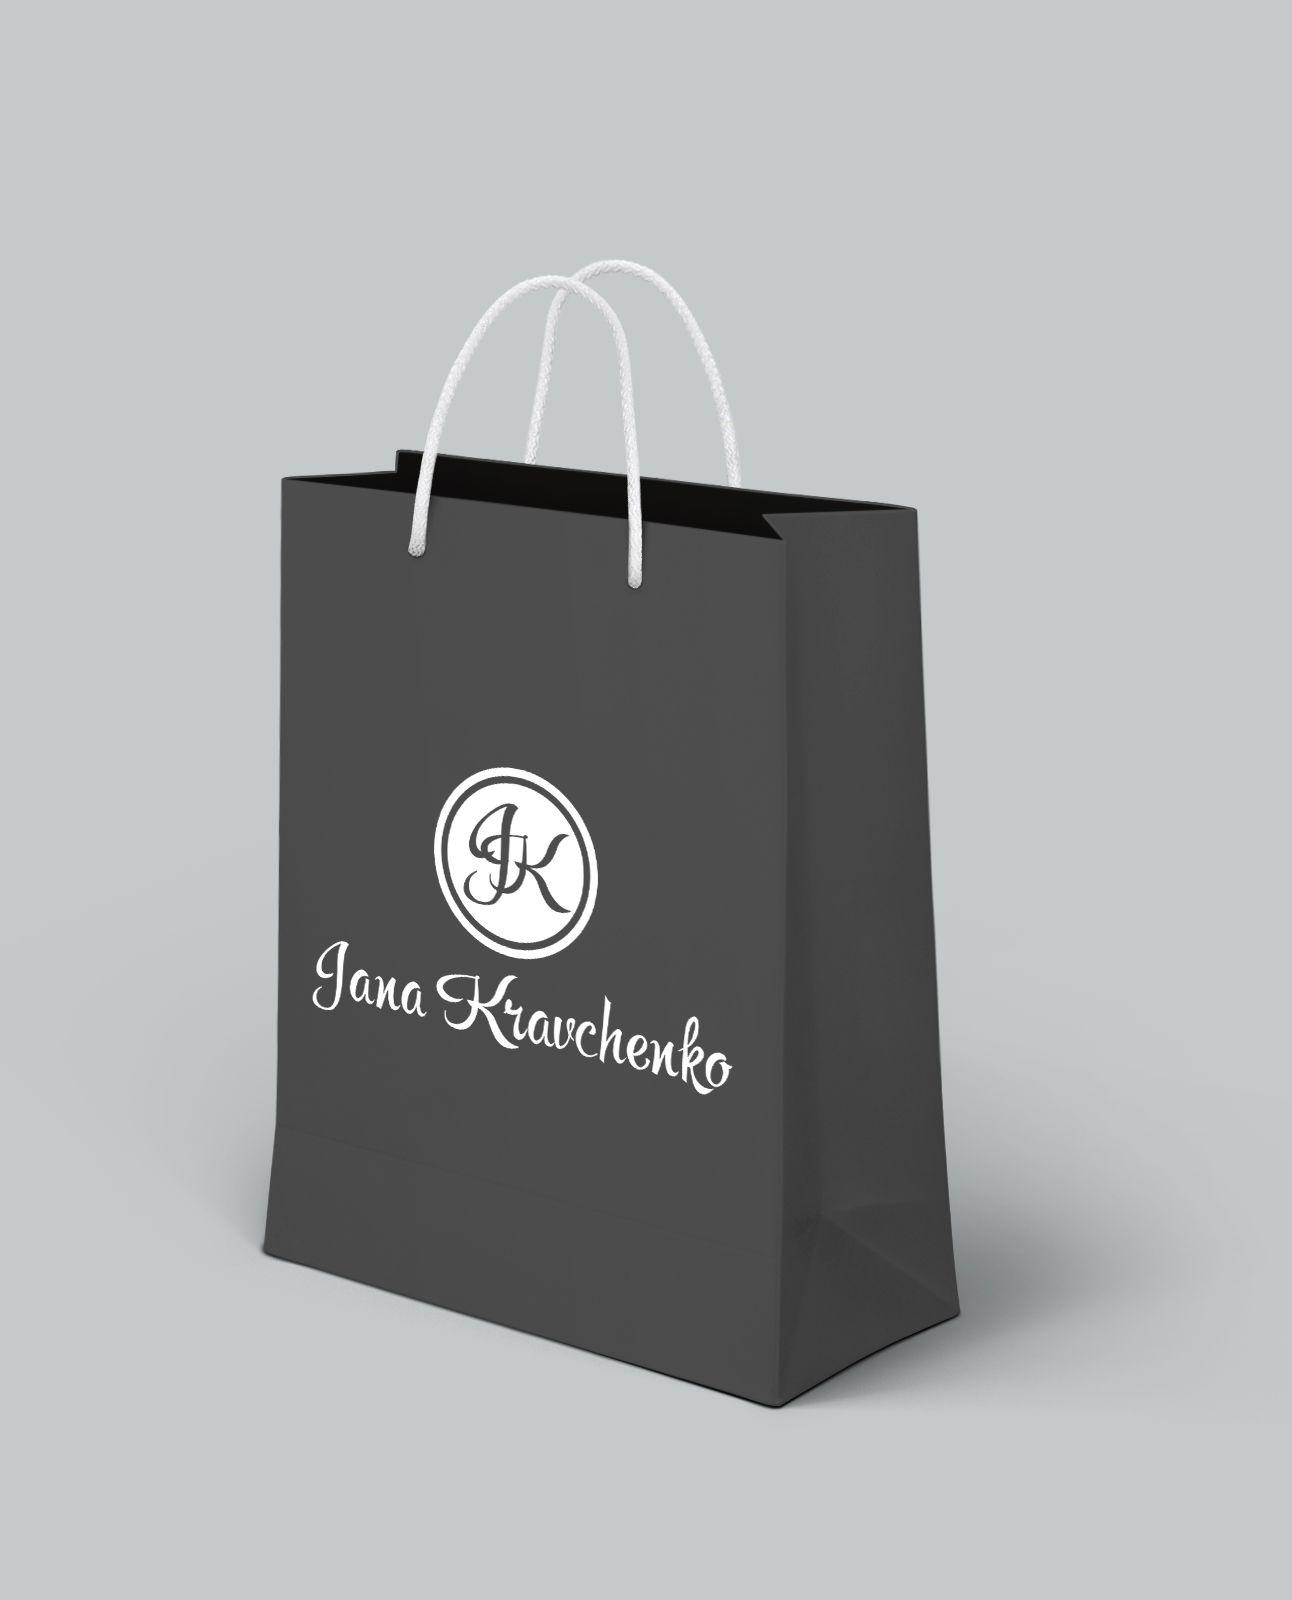 Логотипа и фир. стиля для дизайнера одежды - дизайнер lestar65